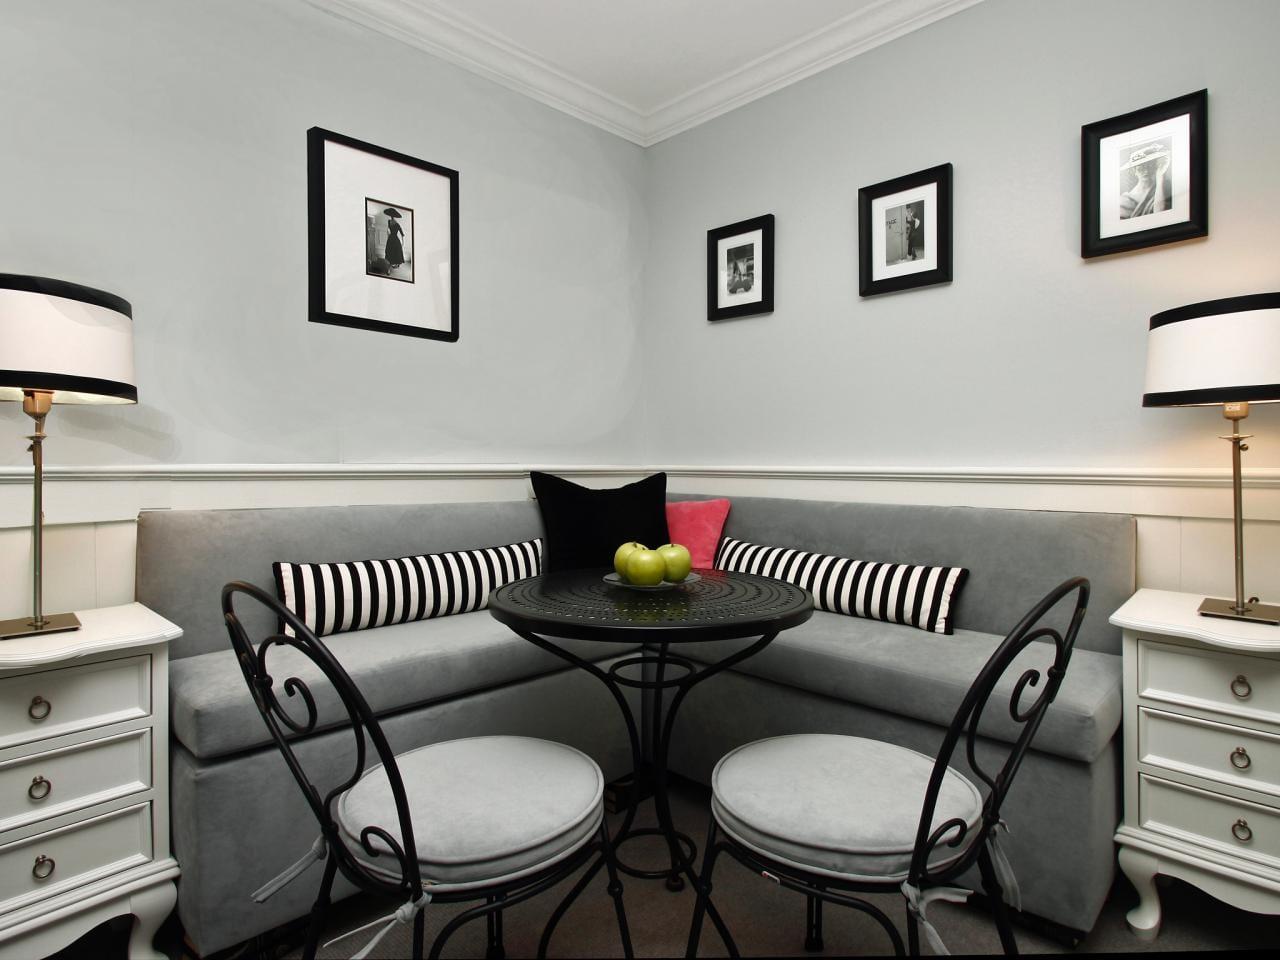 schicke küche weiß mit sitzecke küche grau - fresHouse